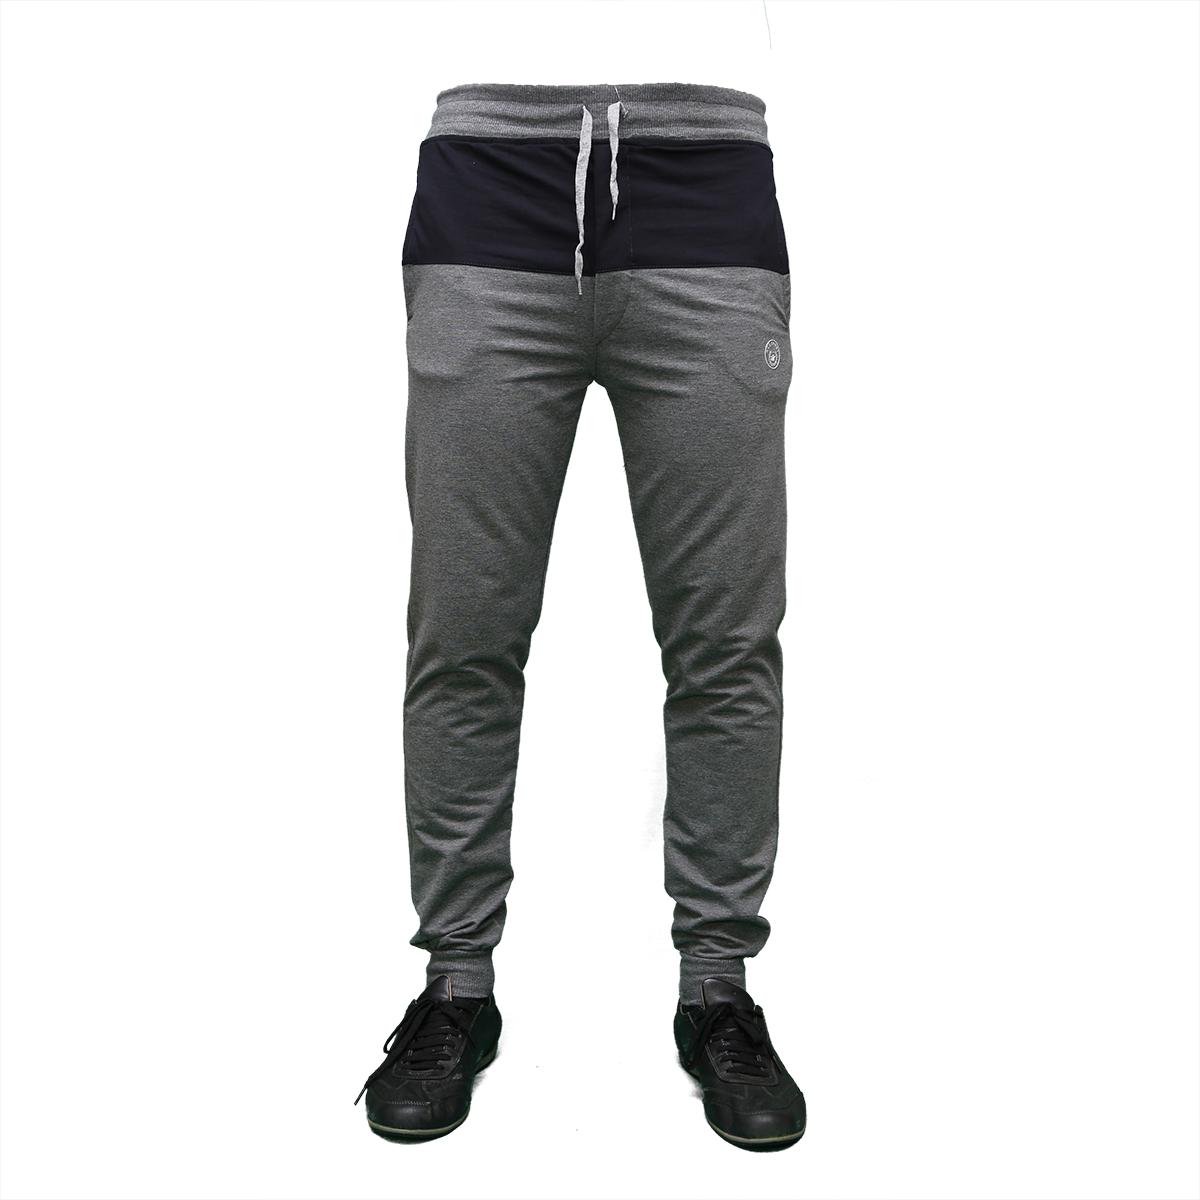 Молодежные зауженные трикотажные брюки под манжет оптом в Одессе тм. AVCI пр-во. Турция KD1088